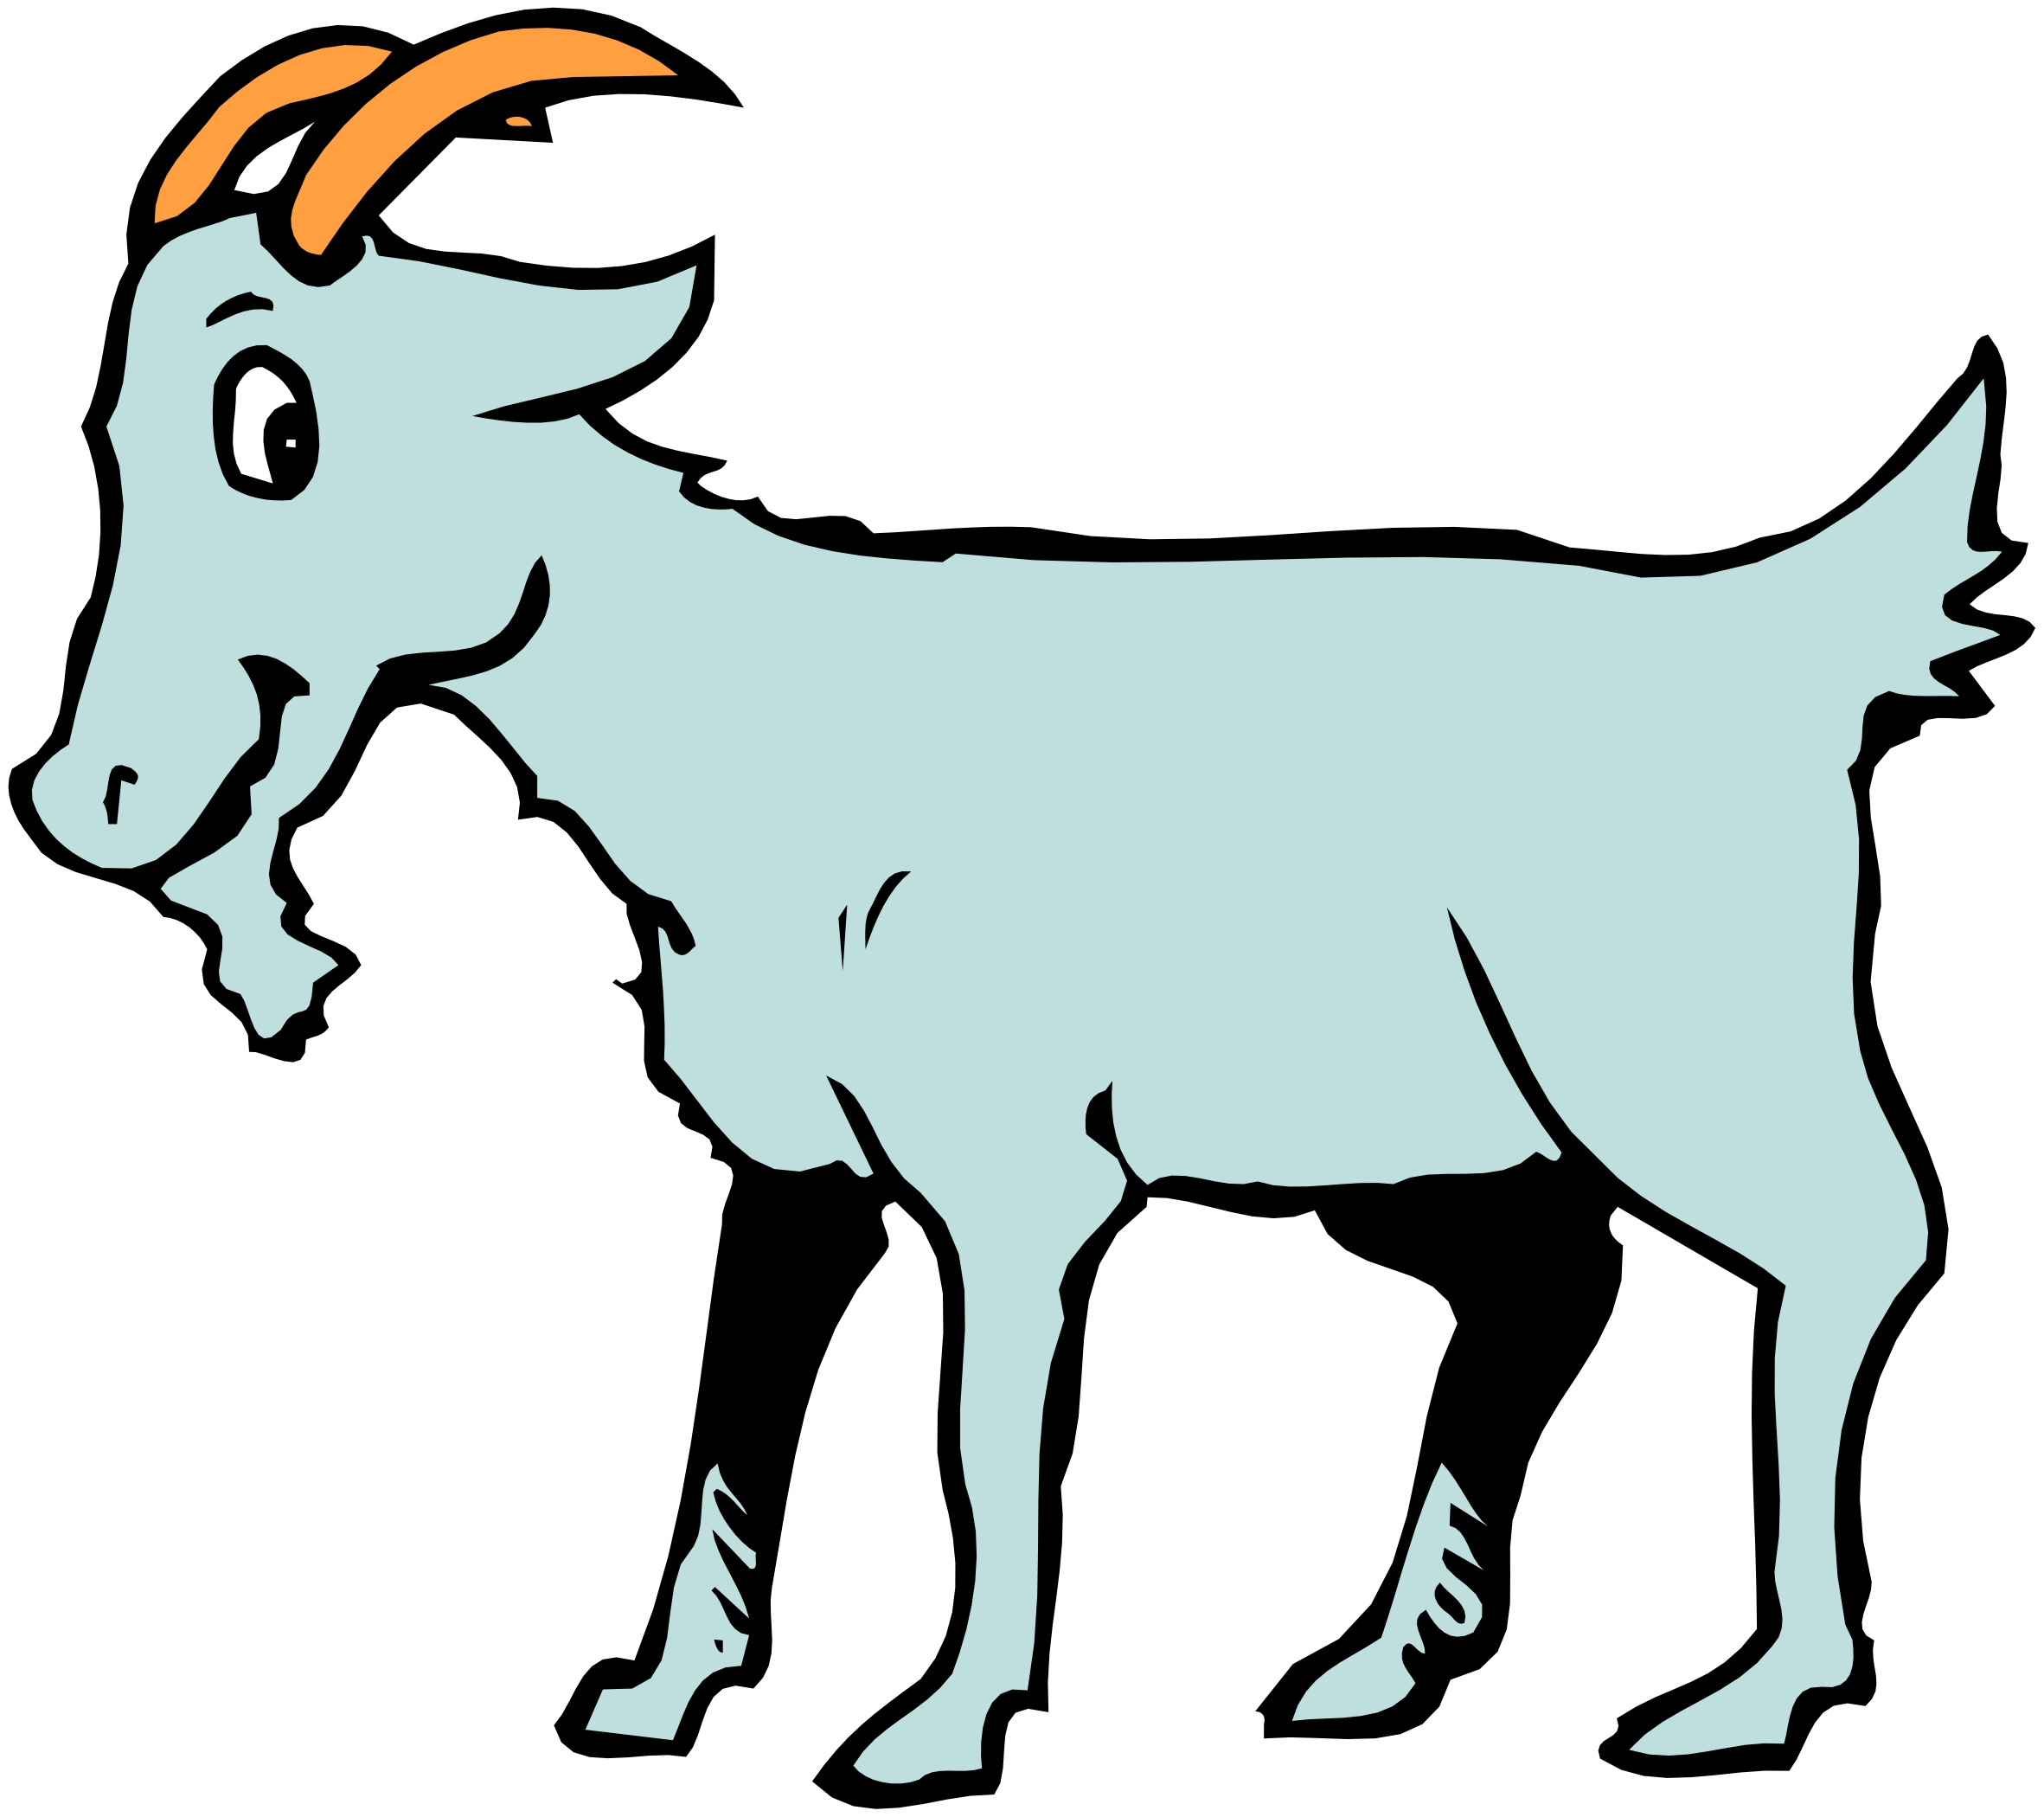 Goat-Goat-9